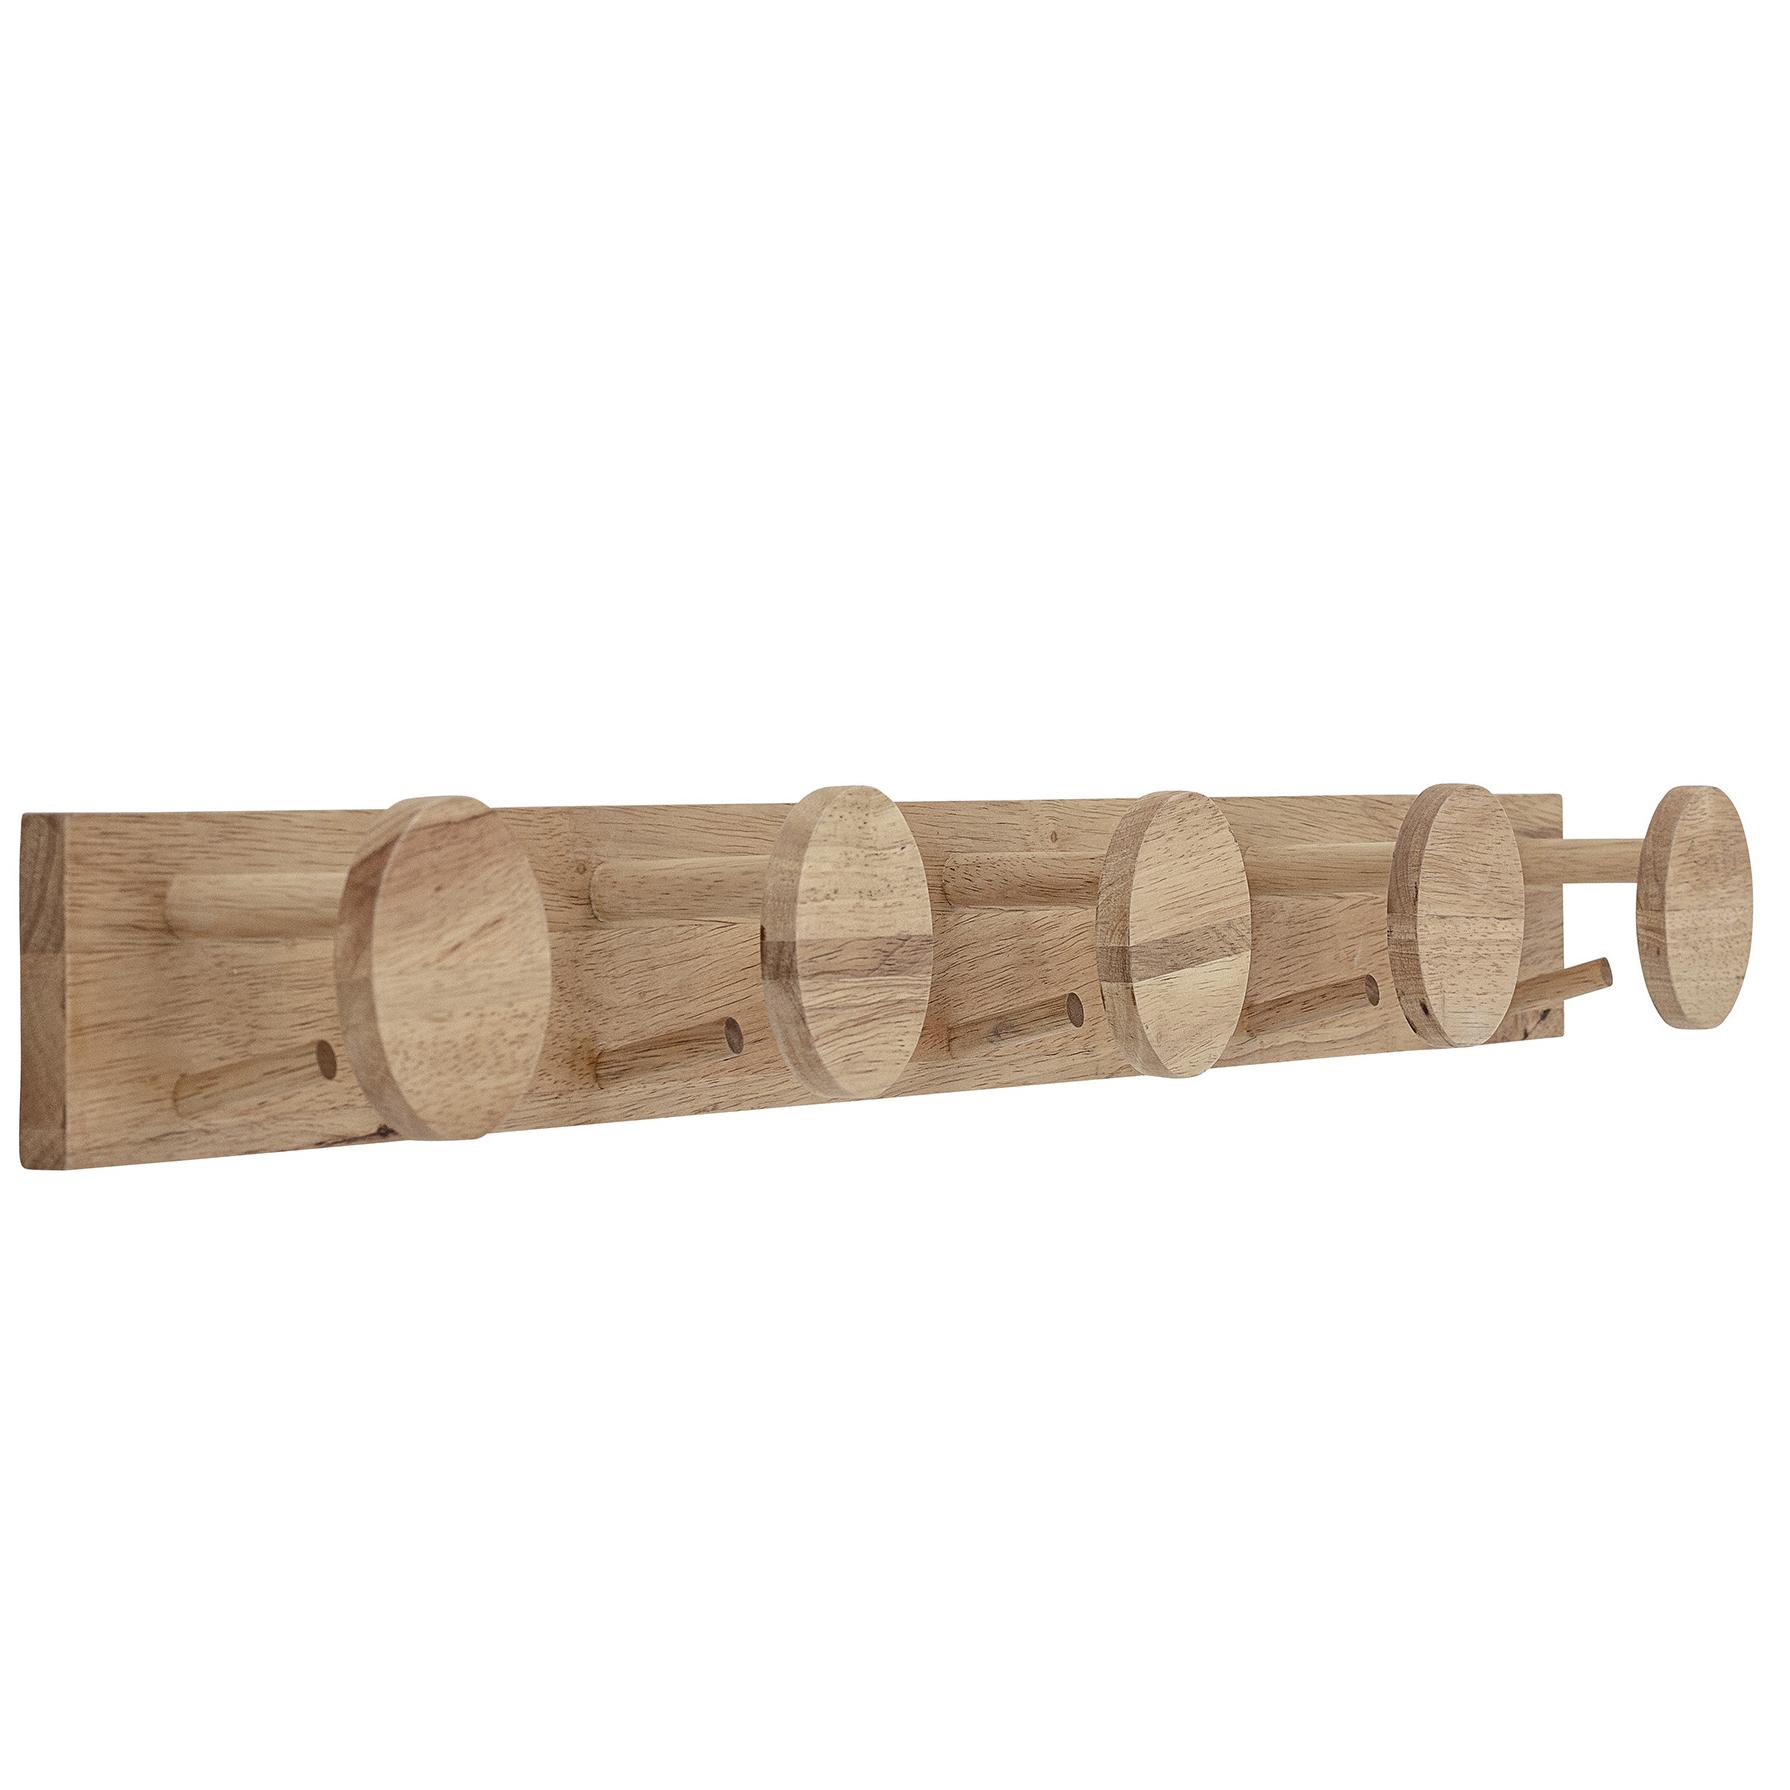 Cabide de parede, madeira de seringueira, 90x9